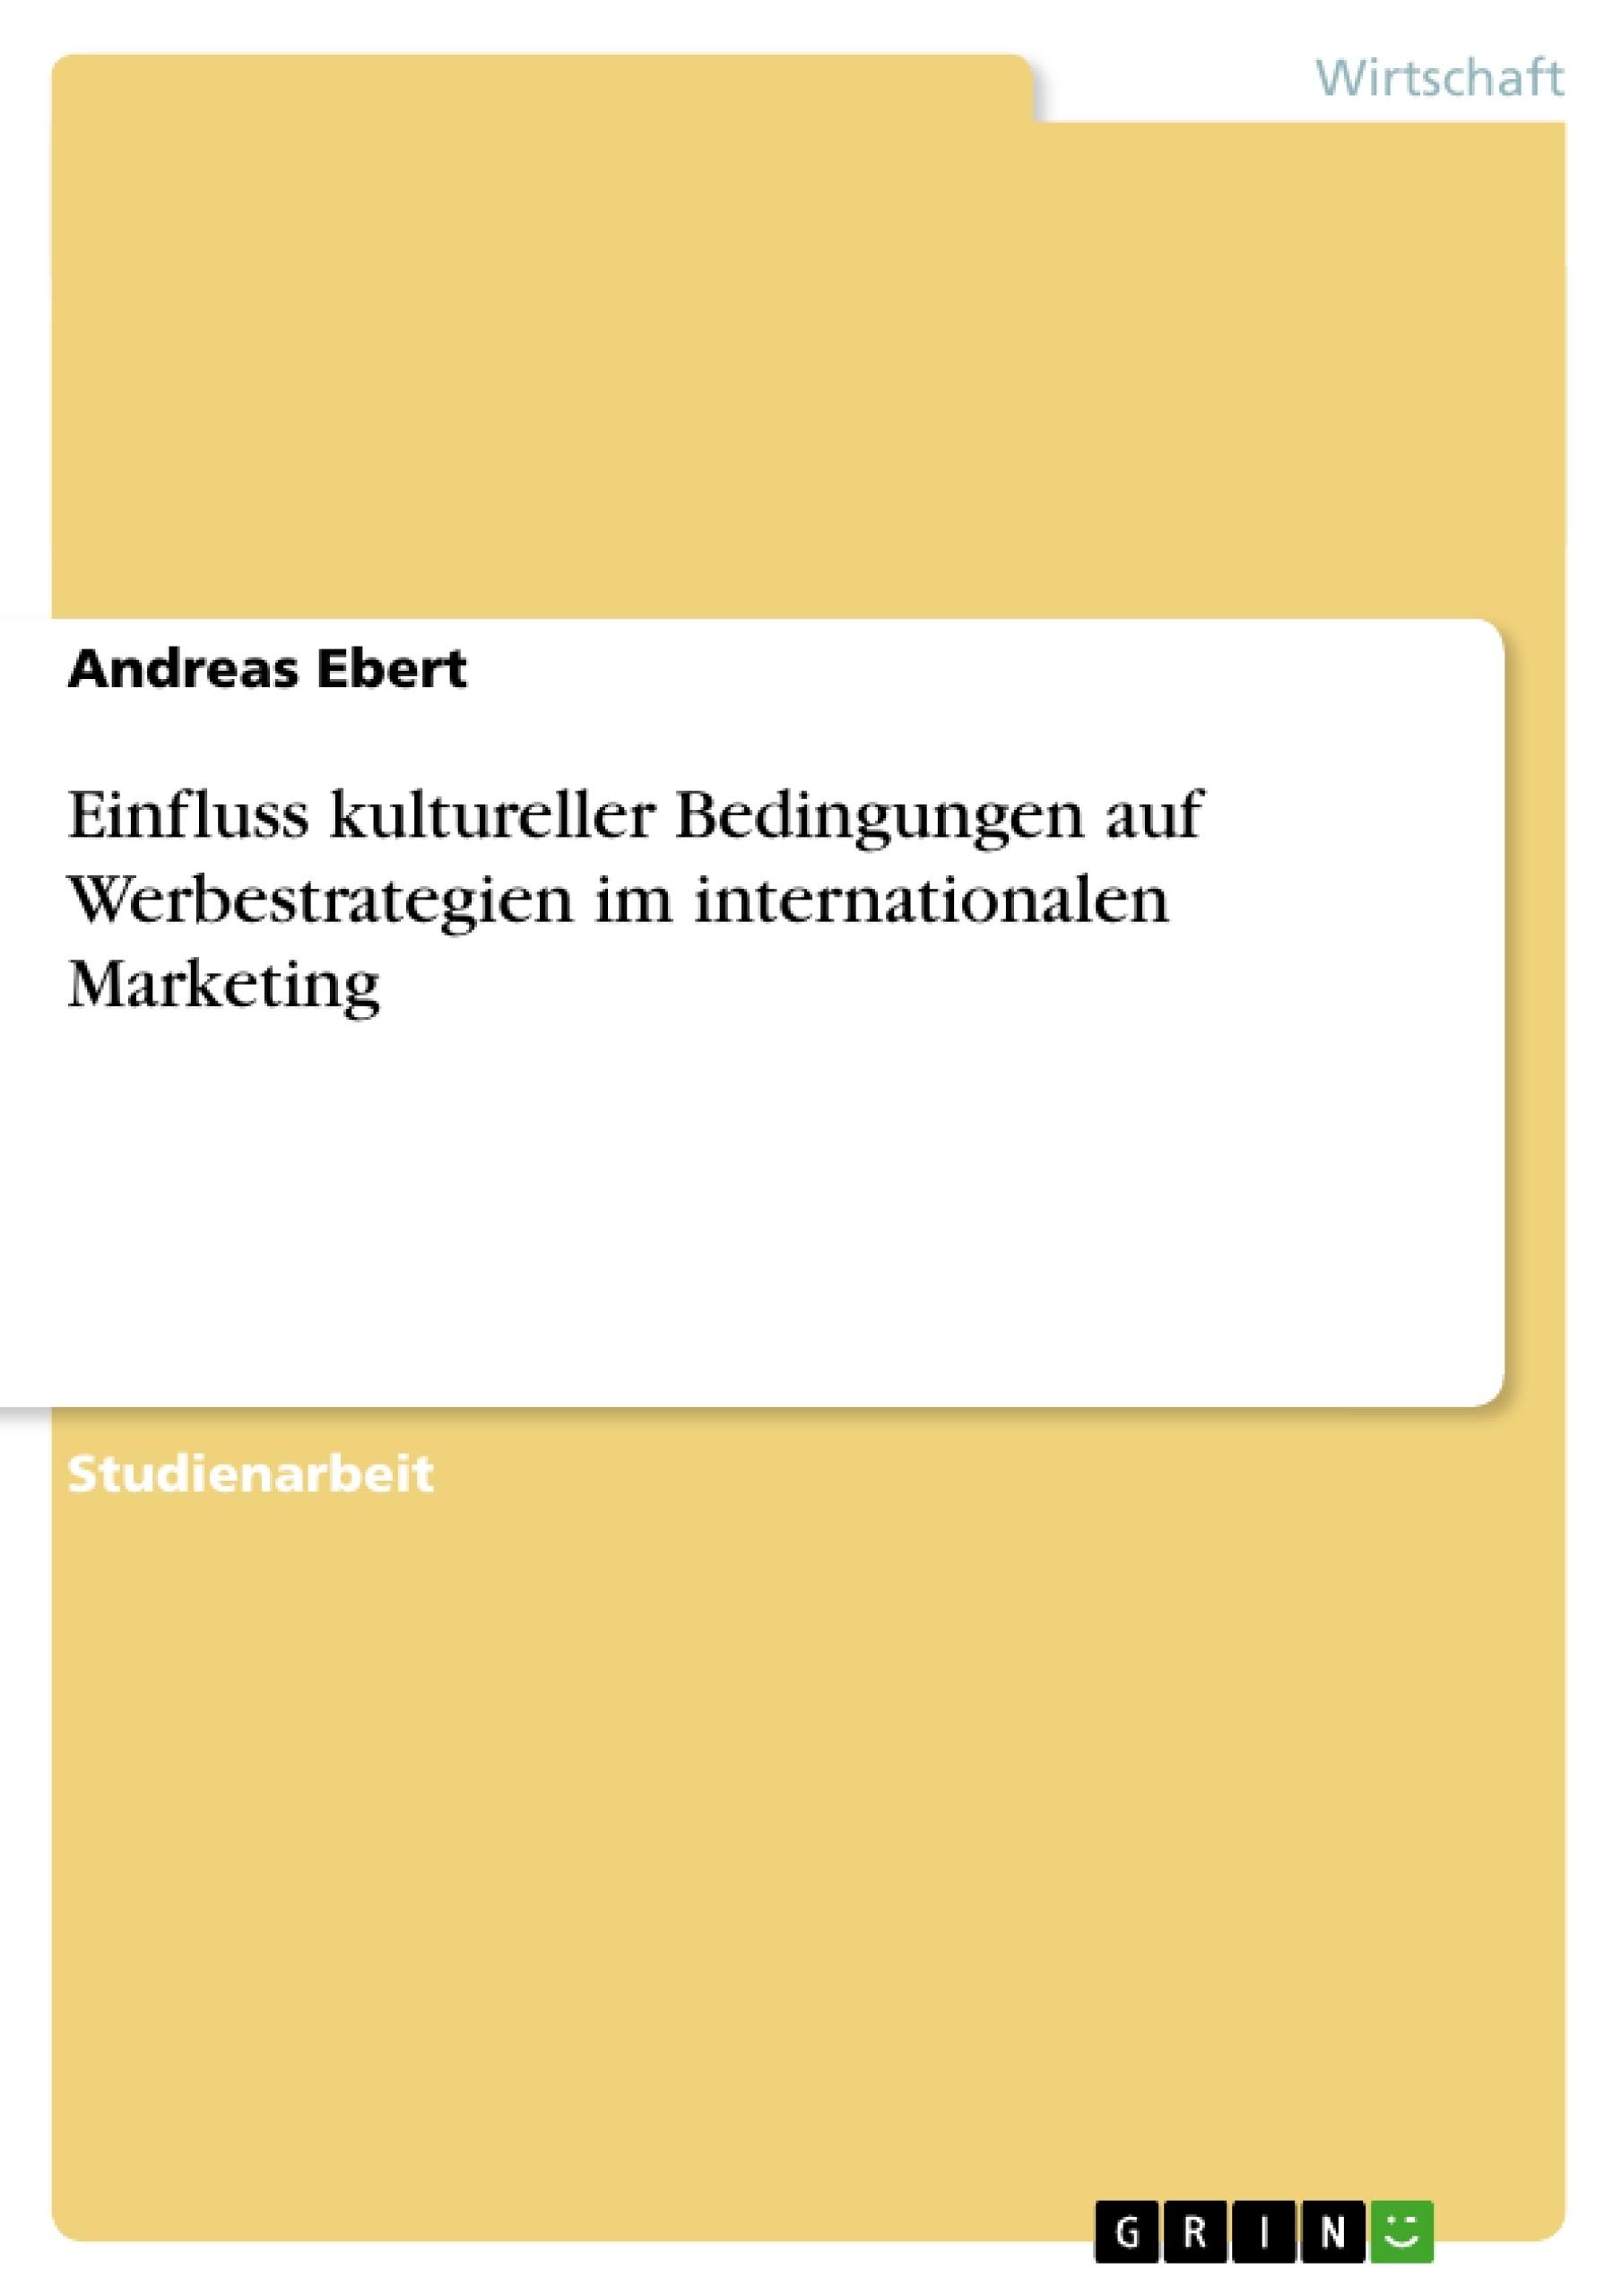 Titel: Einfluss kultureller Bedingungen auf Werbestrategien im internationalen Marketing